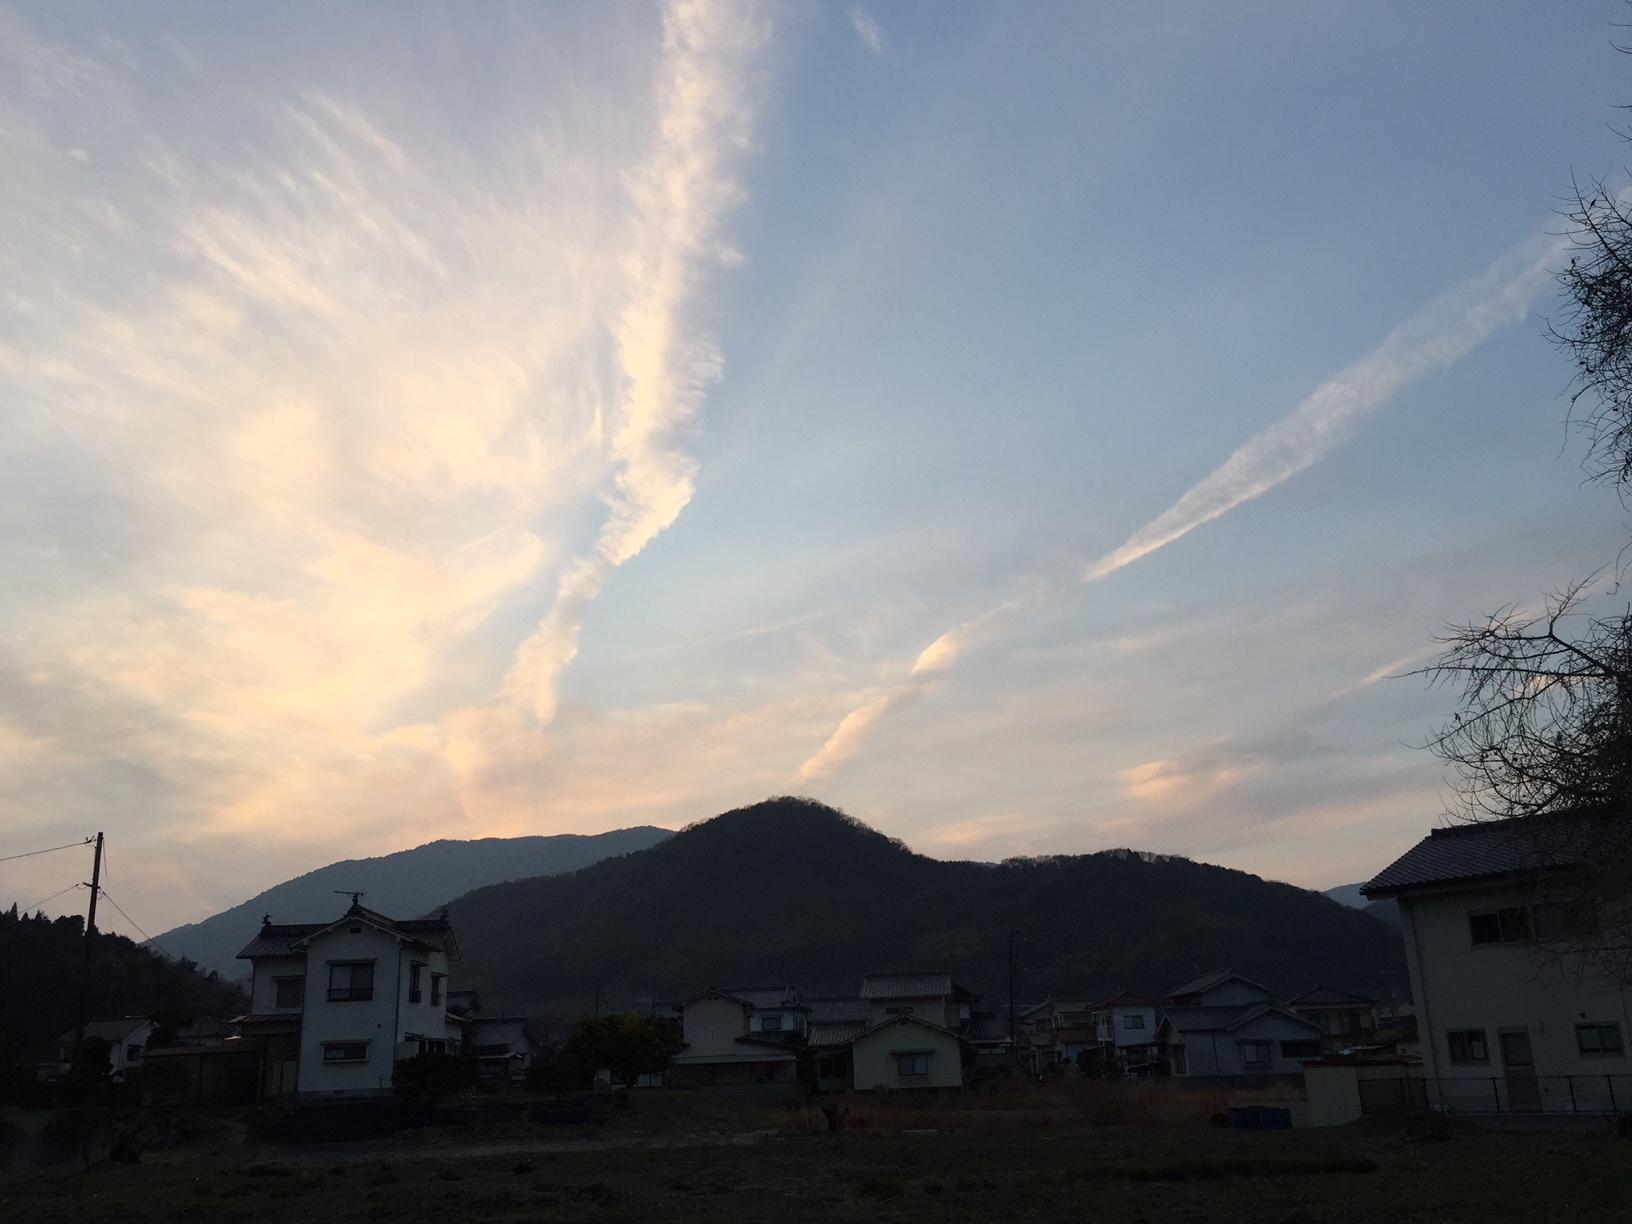 飛行機雲が幾筋にも_e0175370_19034683.jpg